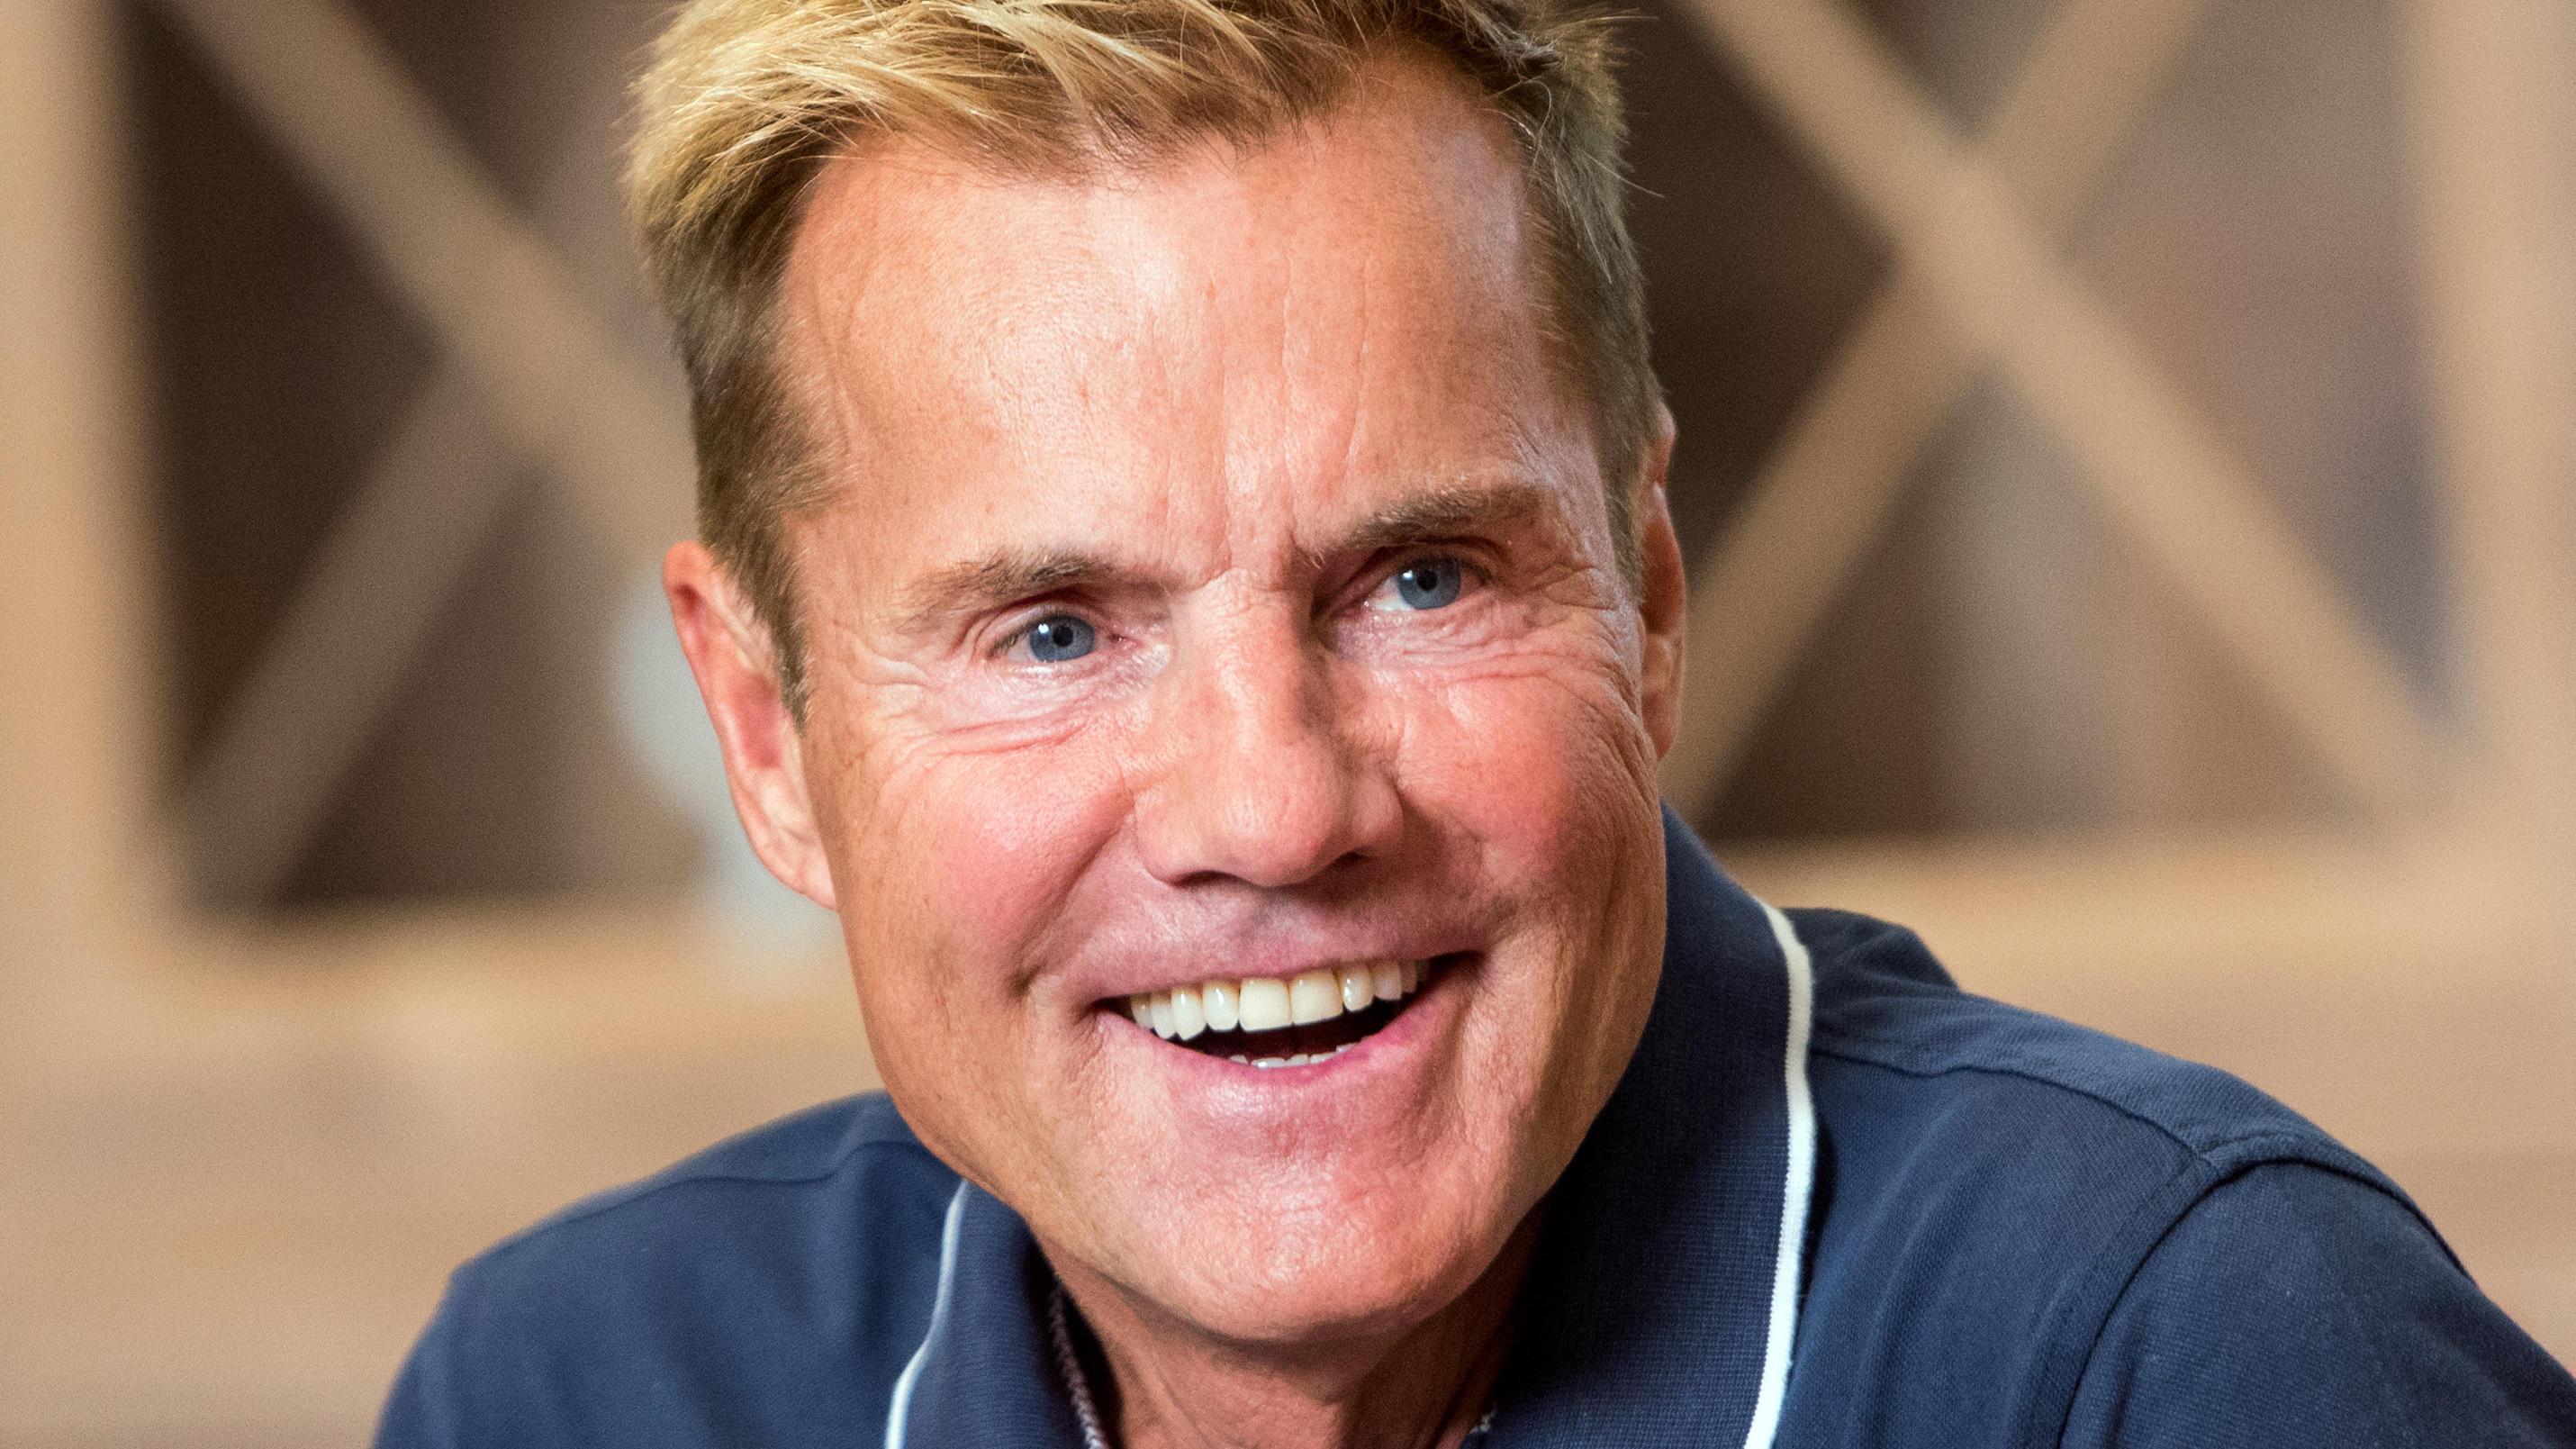 Dieter Bohlen Haare